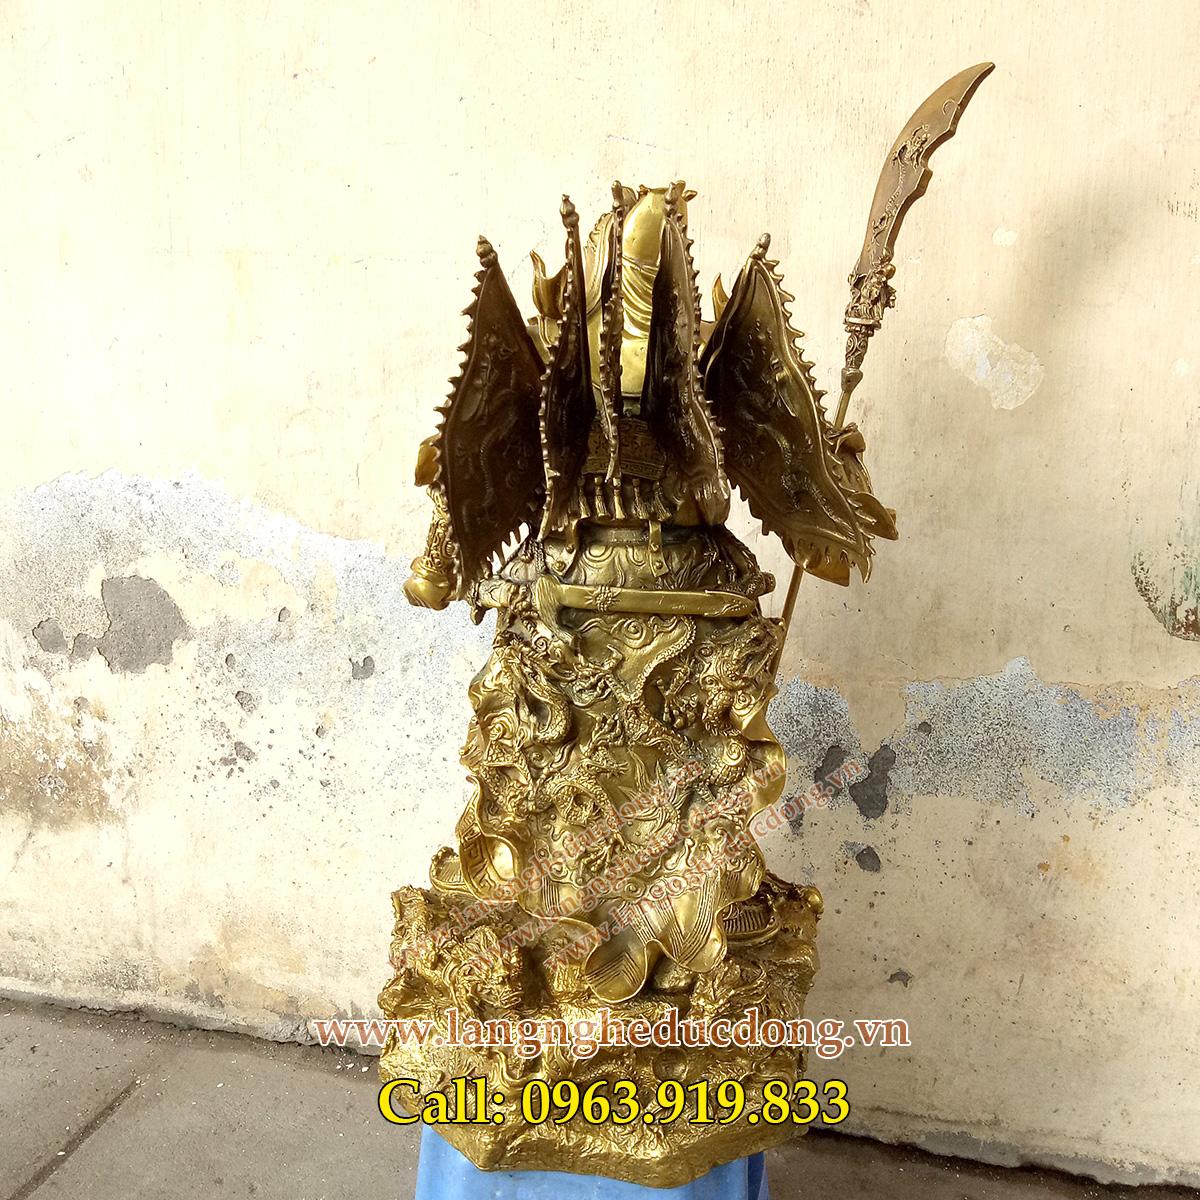 langngheducdong.vn - tượng đồng, tượng quan công, tượng quan vân trường, quan công đứng bệ rồng